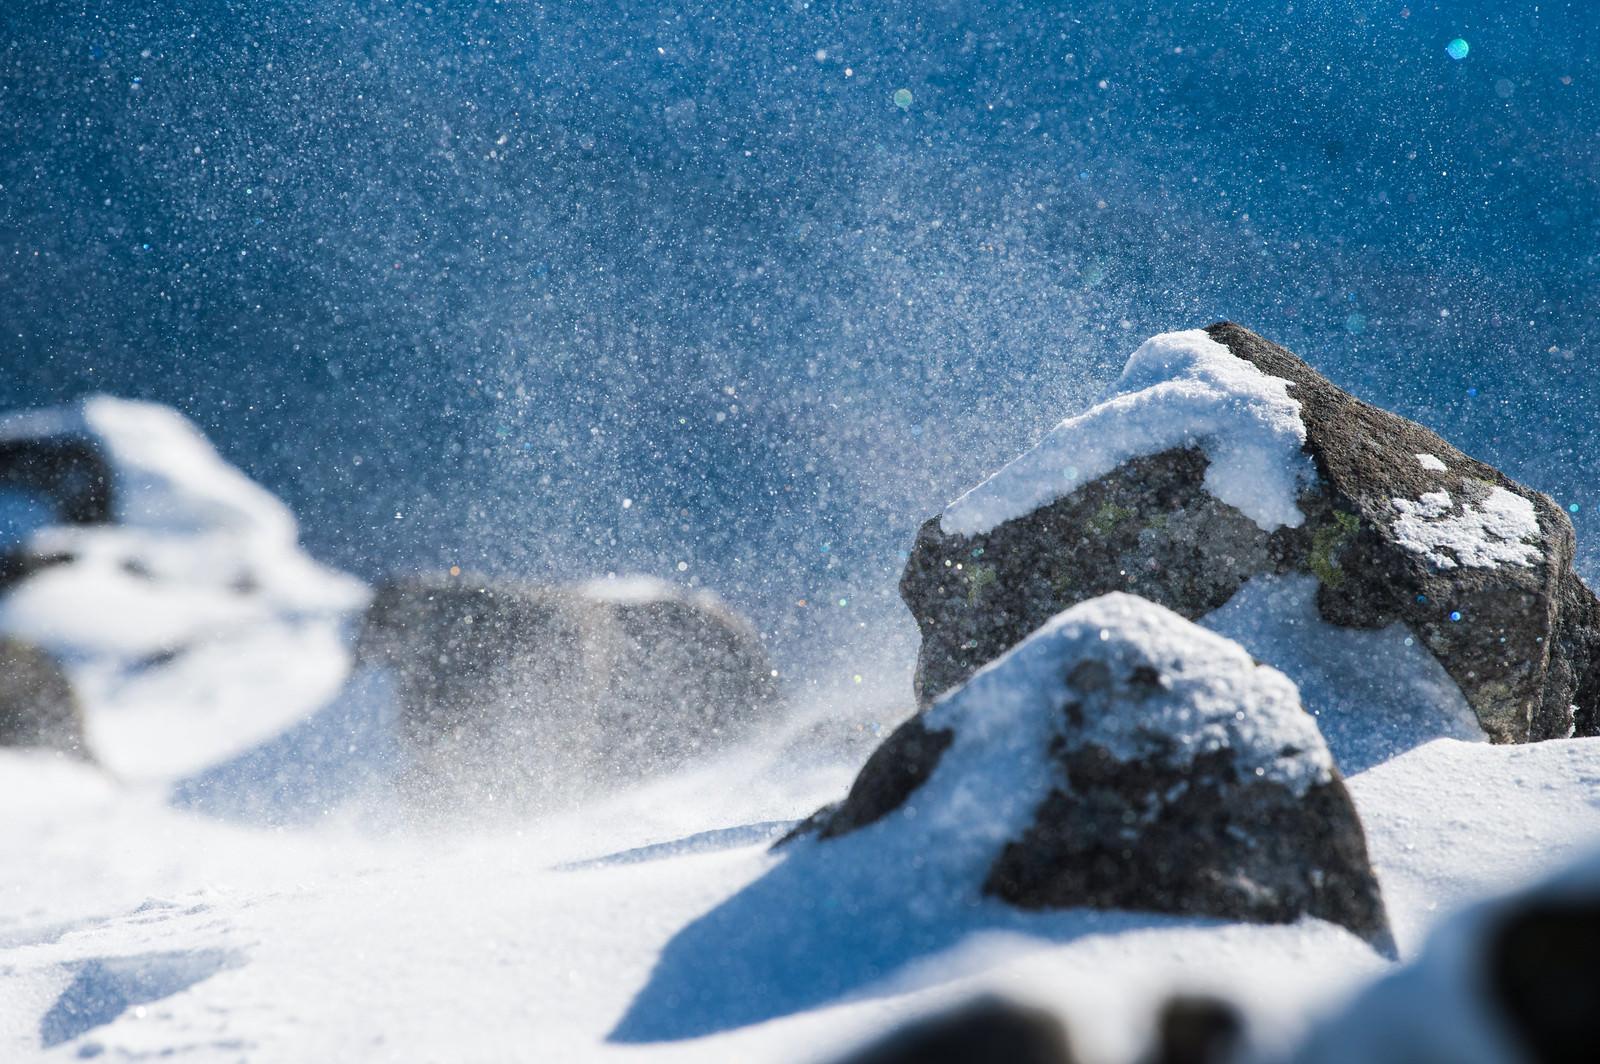 「厳冬期の山で舞い上がる雪の粒子」の写真